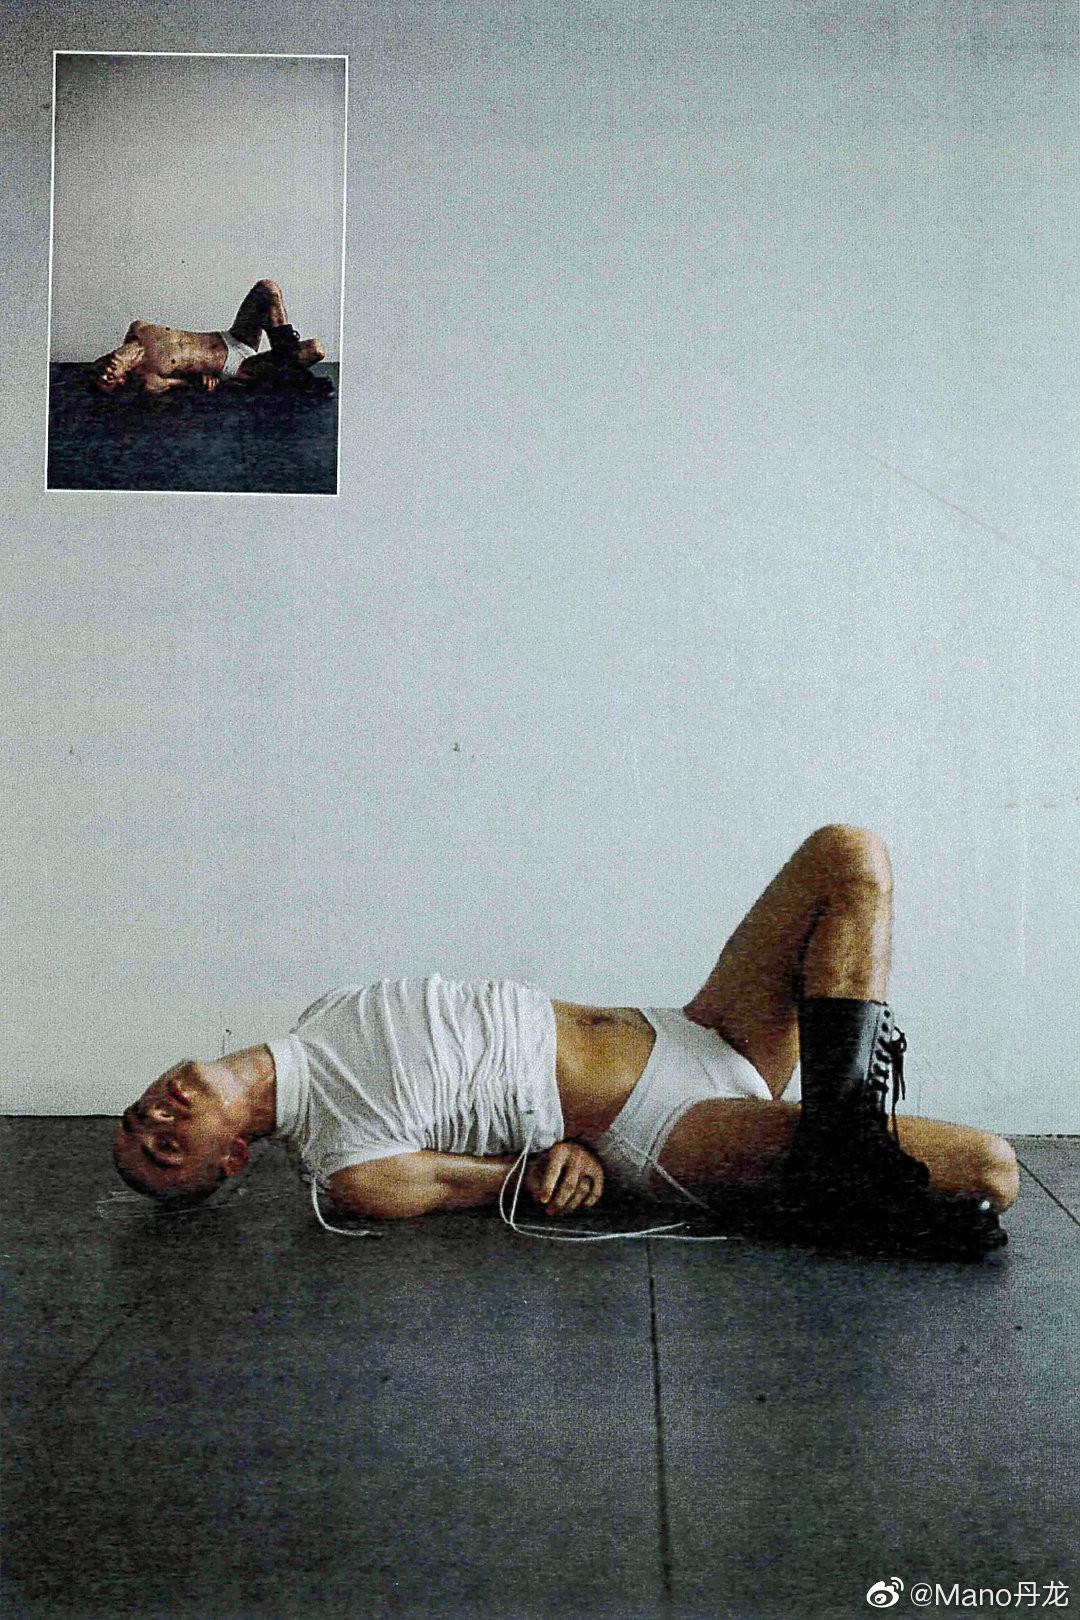 90后欧美鲜肉男模男体艺术摄影写真照片第1张